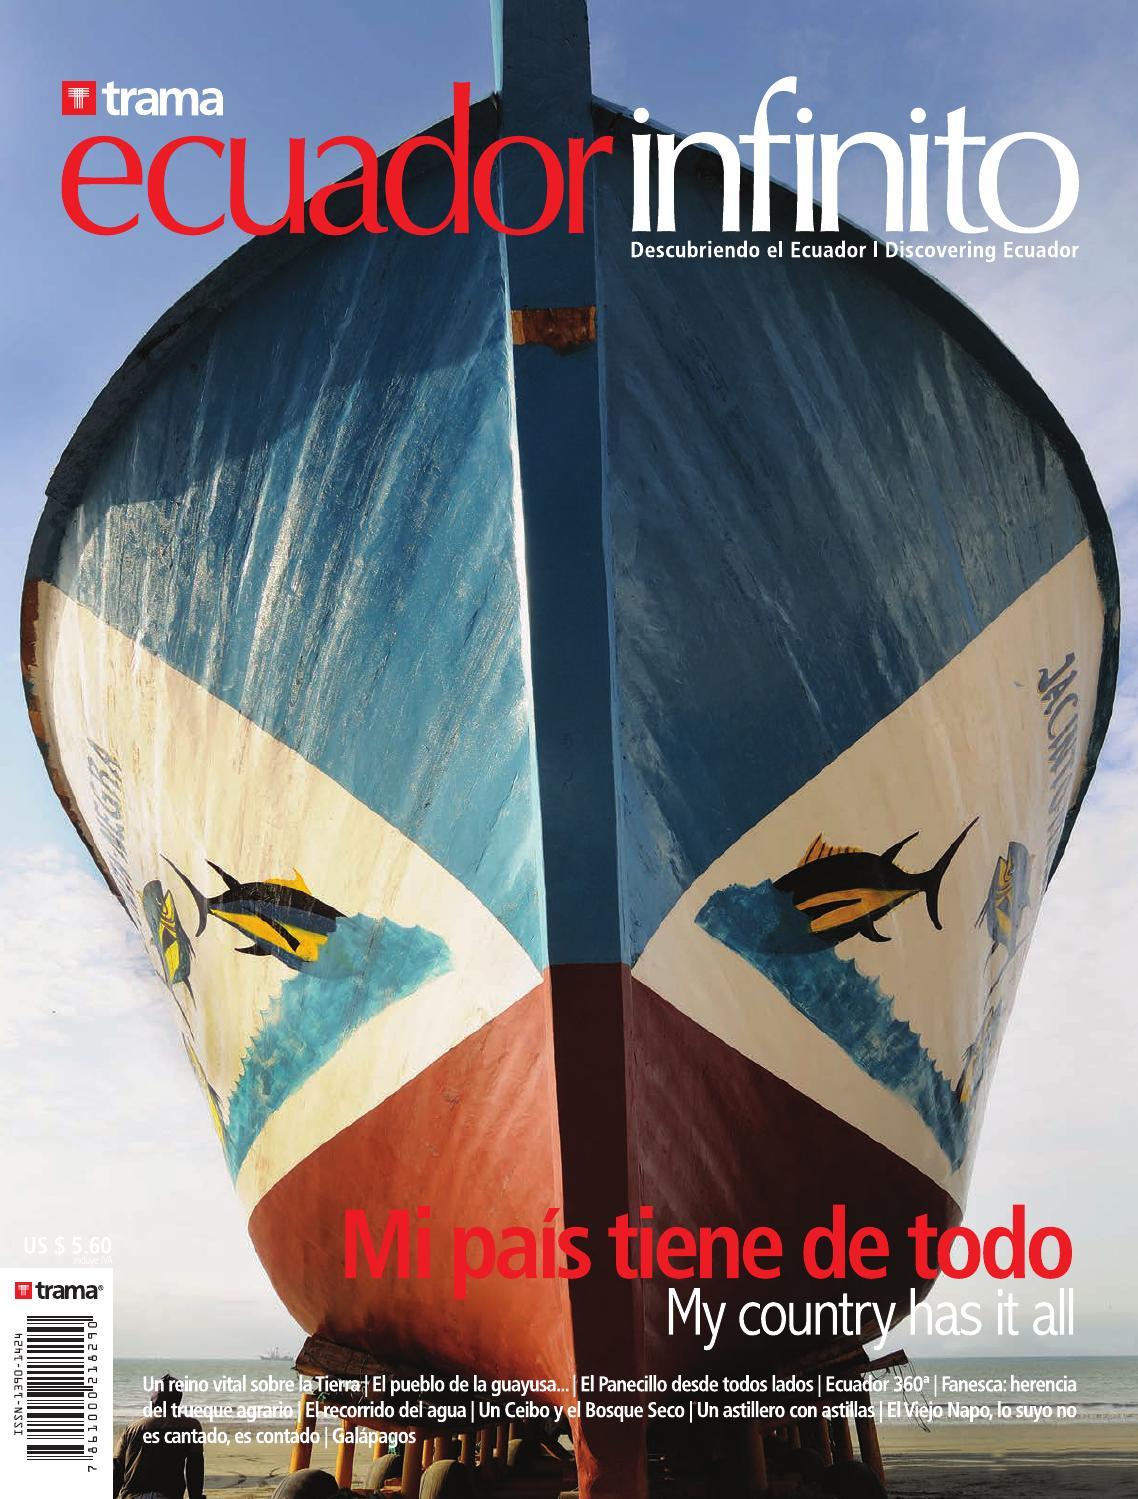 Ecuador Infinito 24 by Trama ediciones - issuu